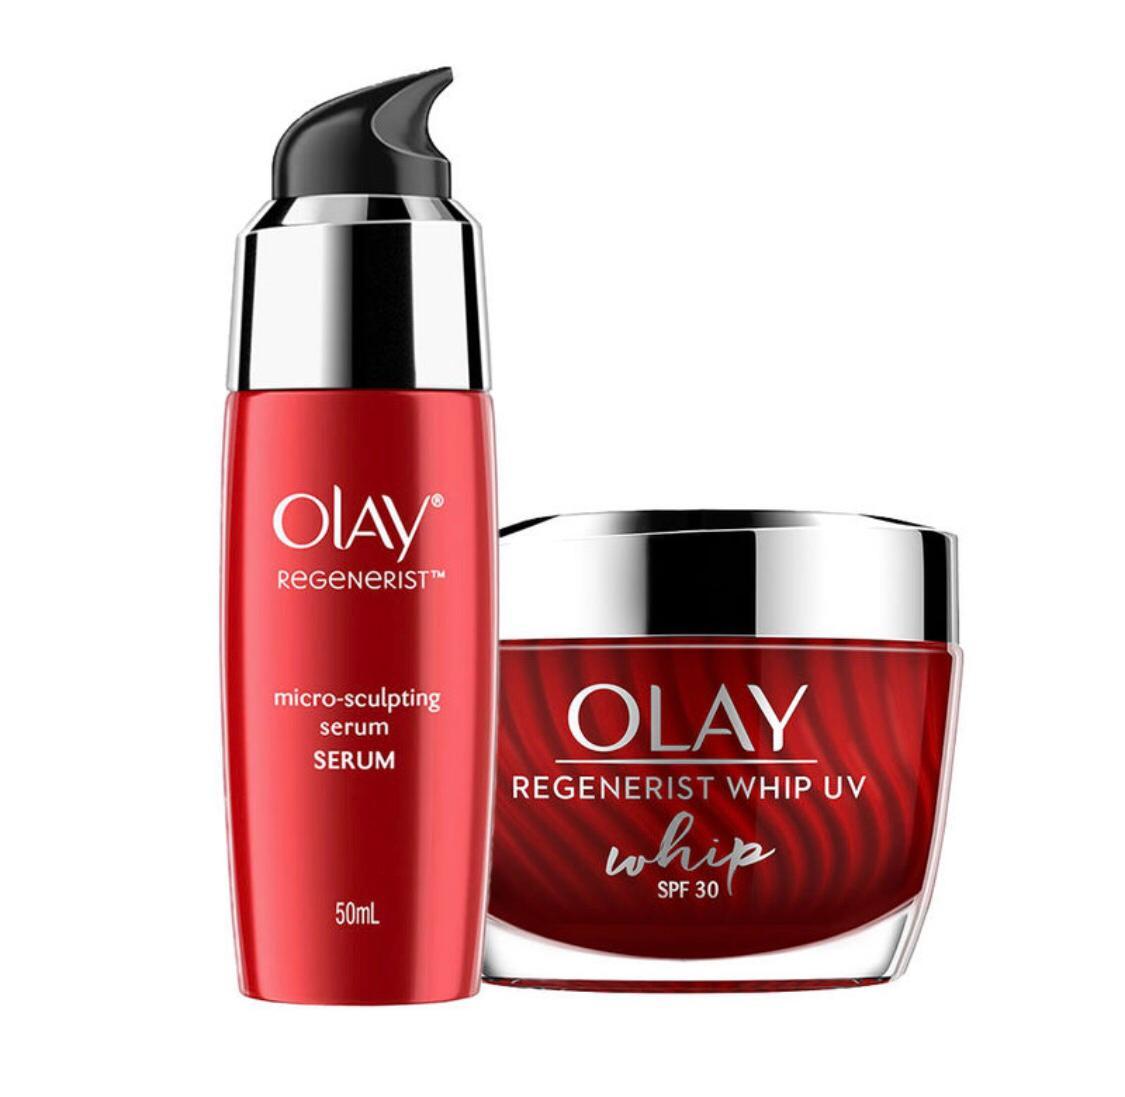 Regenerist Summer Skincare With Spf 30 For Collagen Boost(Moisturizer + Serum)